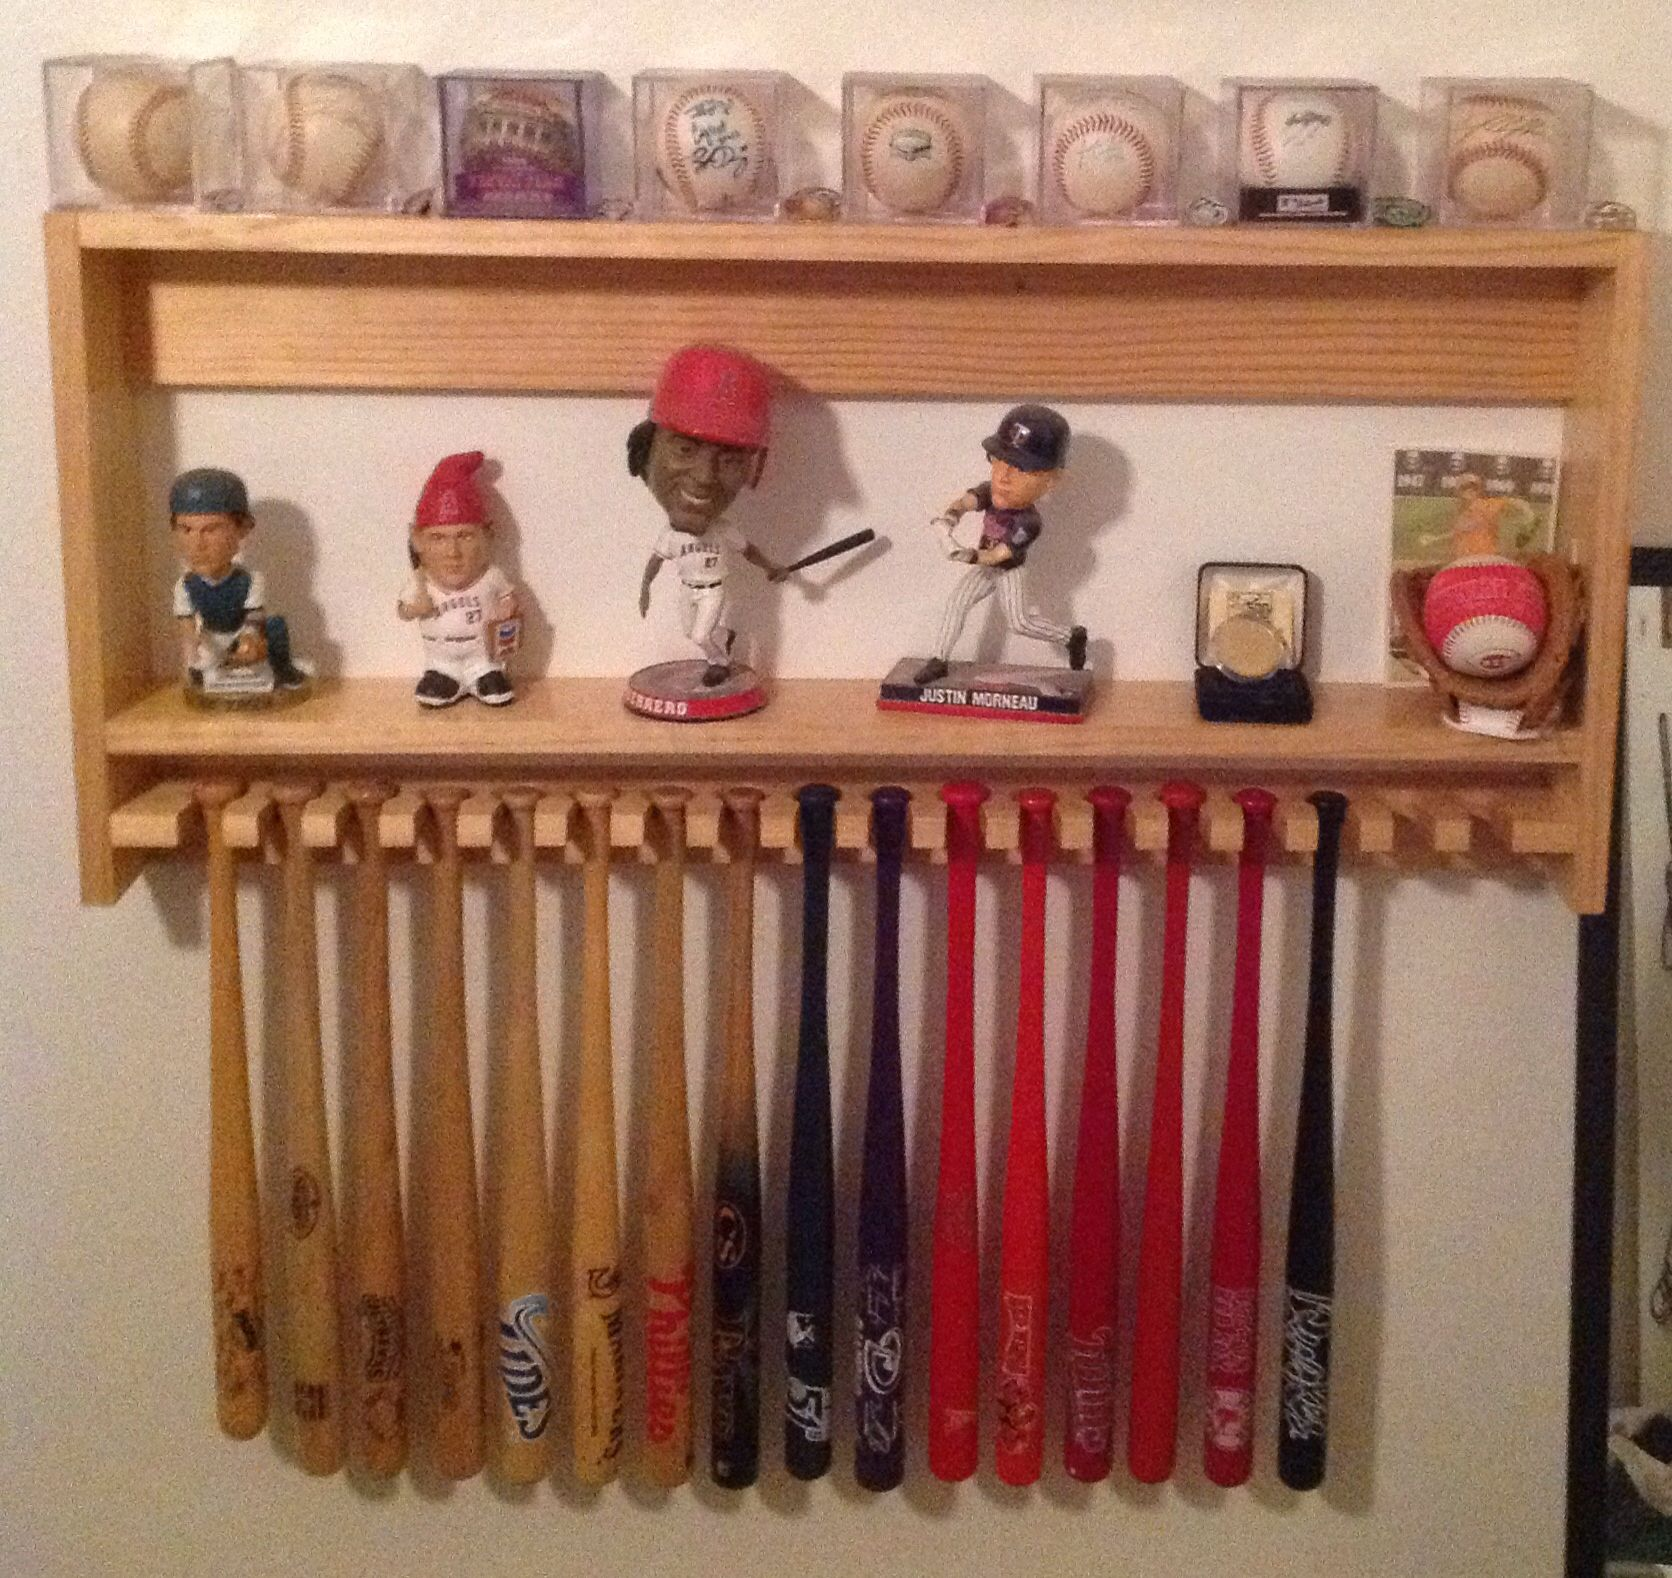 Awesome Mini Bat Holder With Shelf From Jet Hawks Stadium